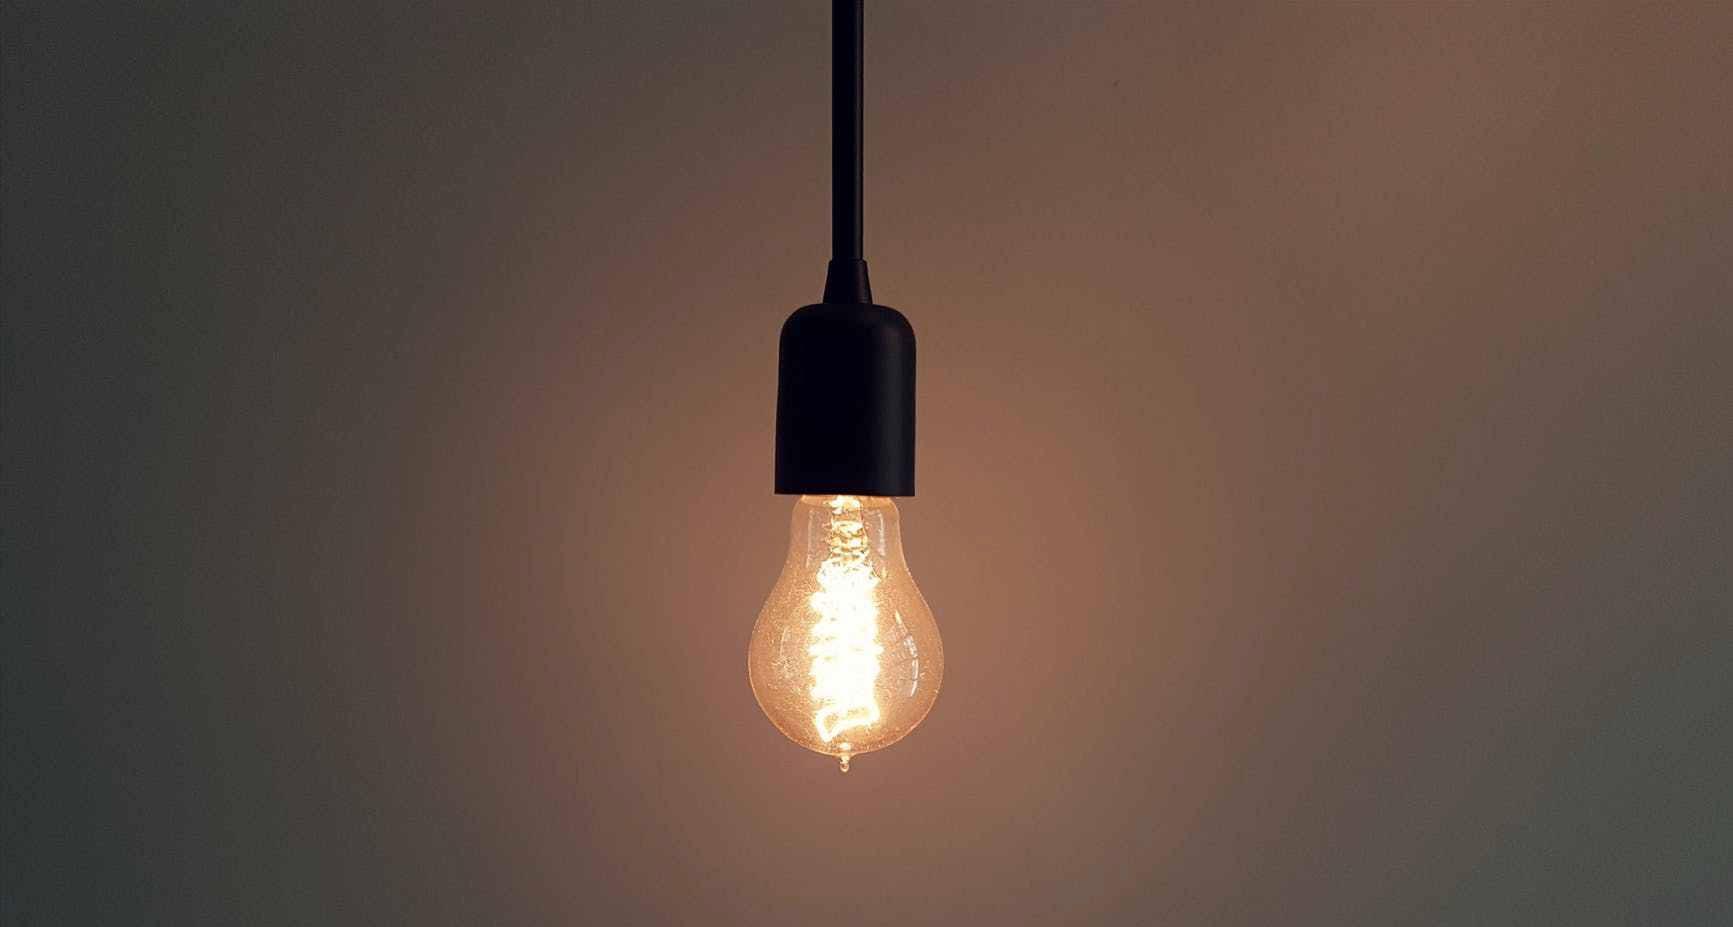 15 snabba tips: så kan du spara energi hemma